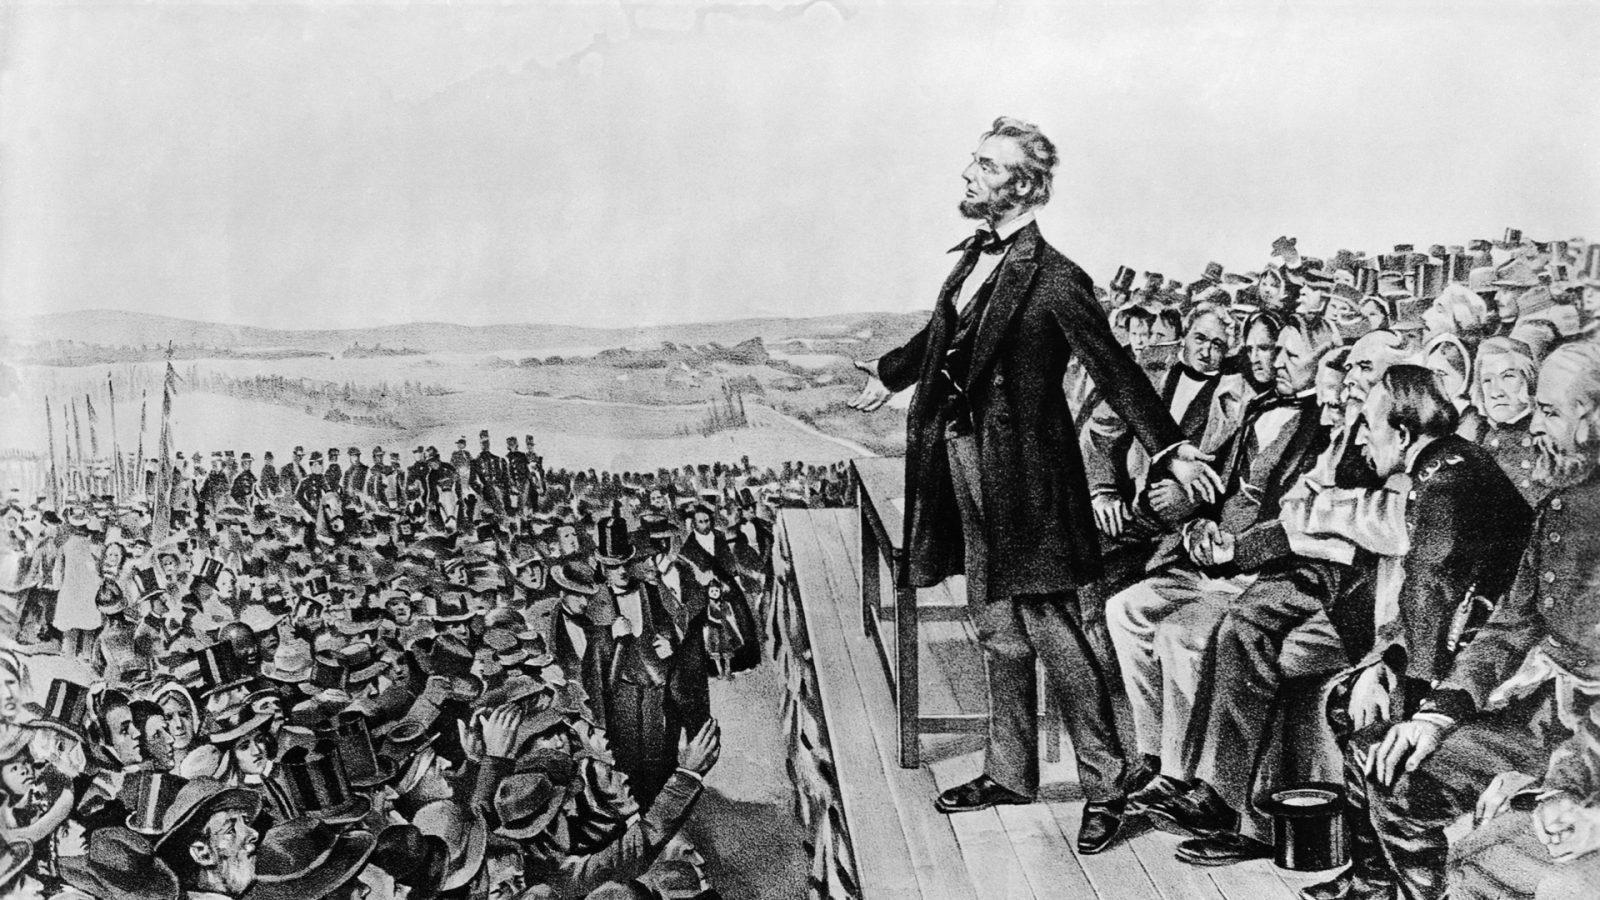 Авраам Линкольн напротив толпы